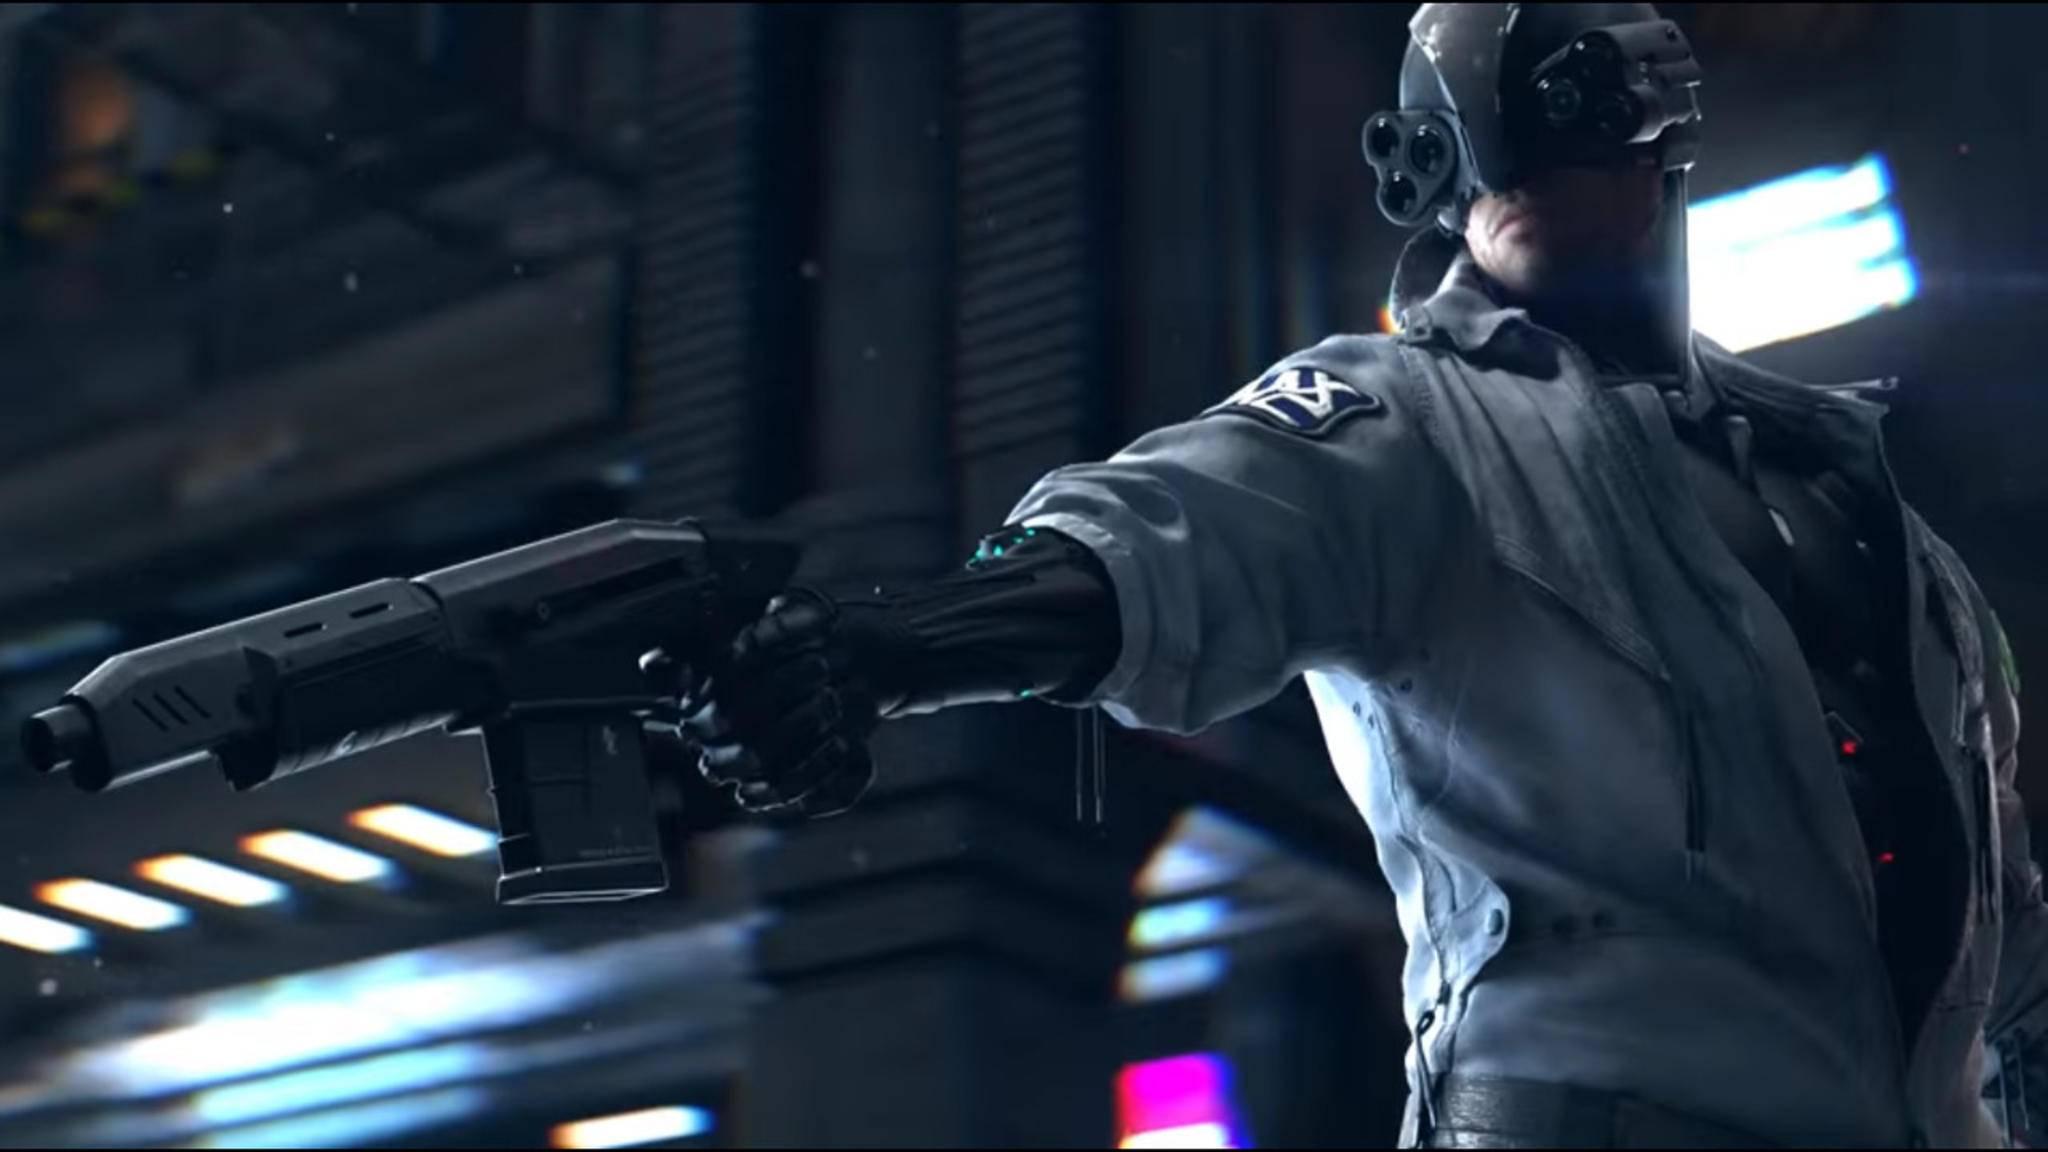 """Entwarnung: """"Cyberpunk 2077"""" wird den Fokus auf Einzelspieler-Gameplay legen und kommt vermutlich ohne Mikrotransaktionen aus."""